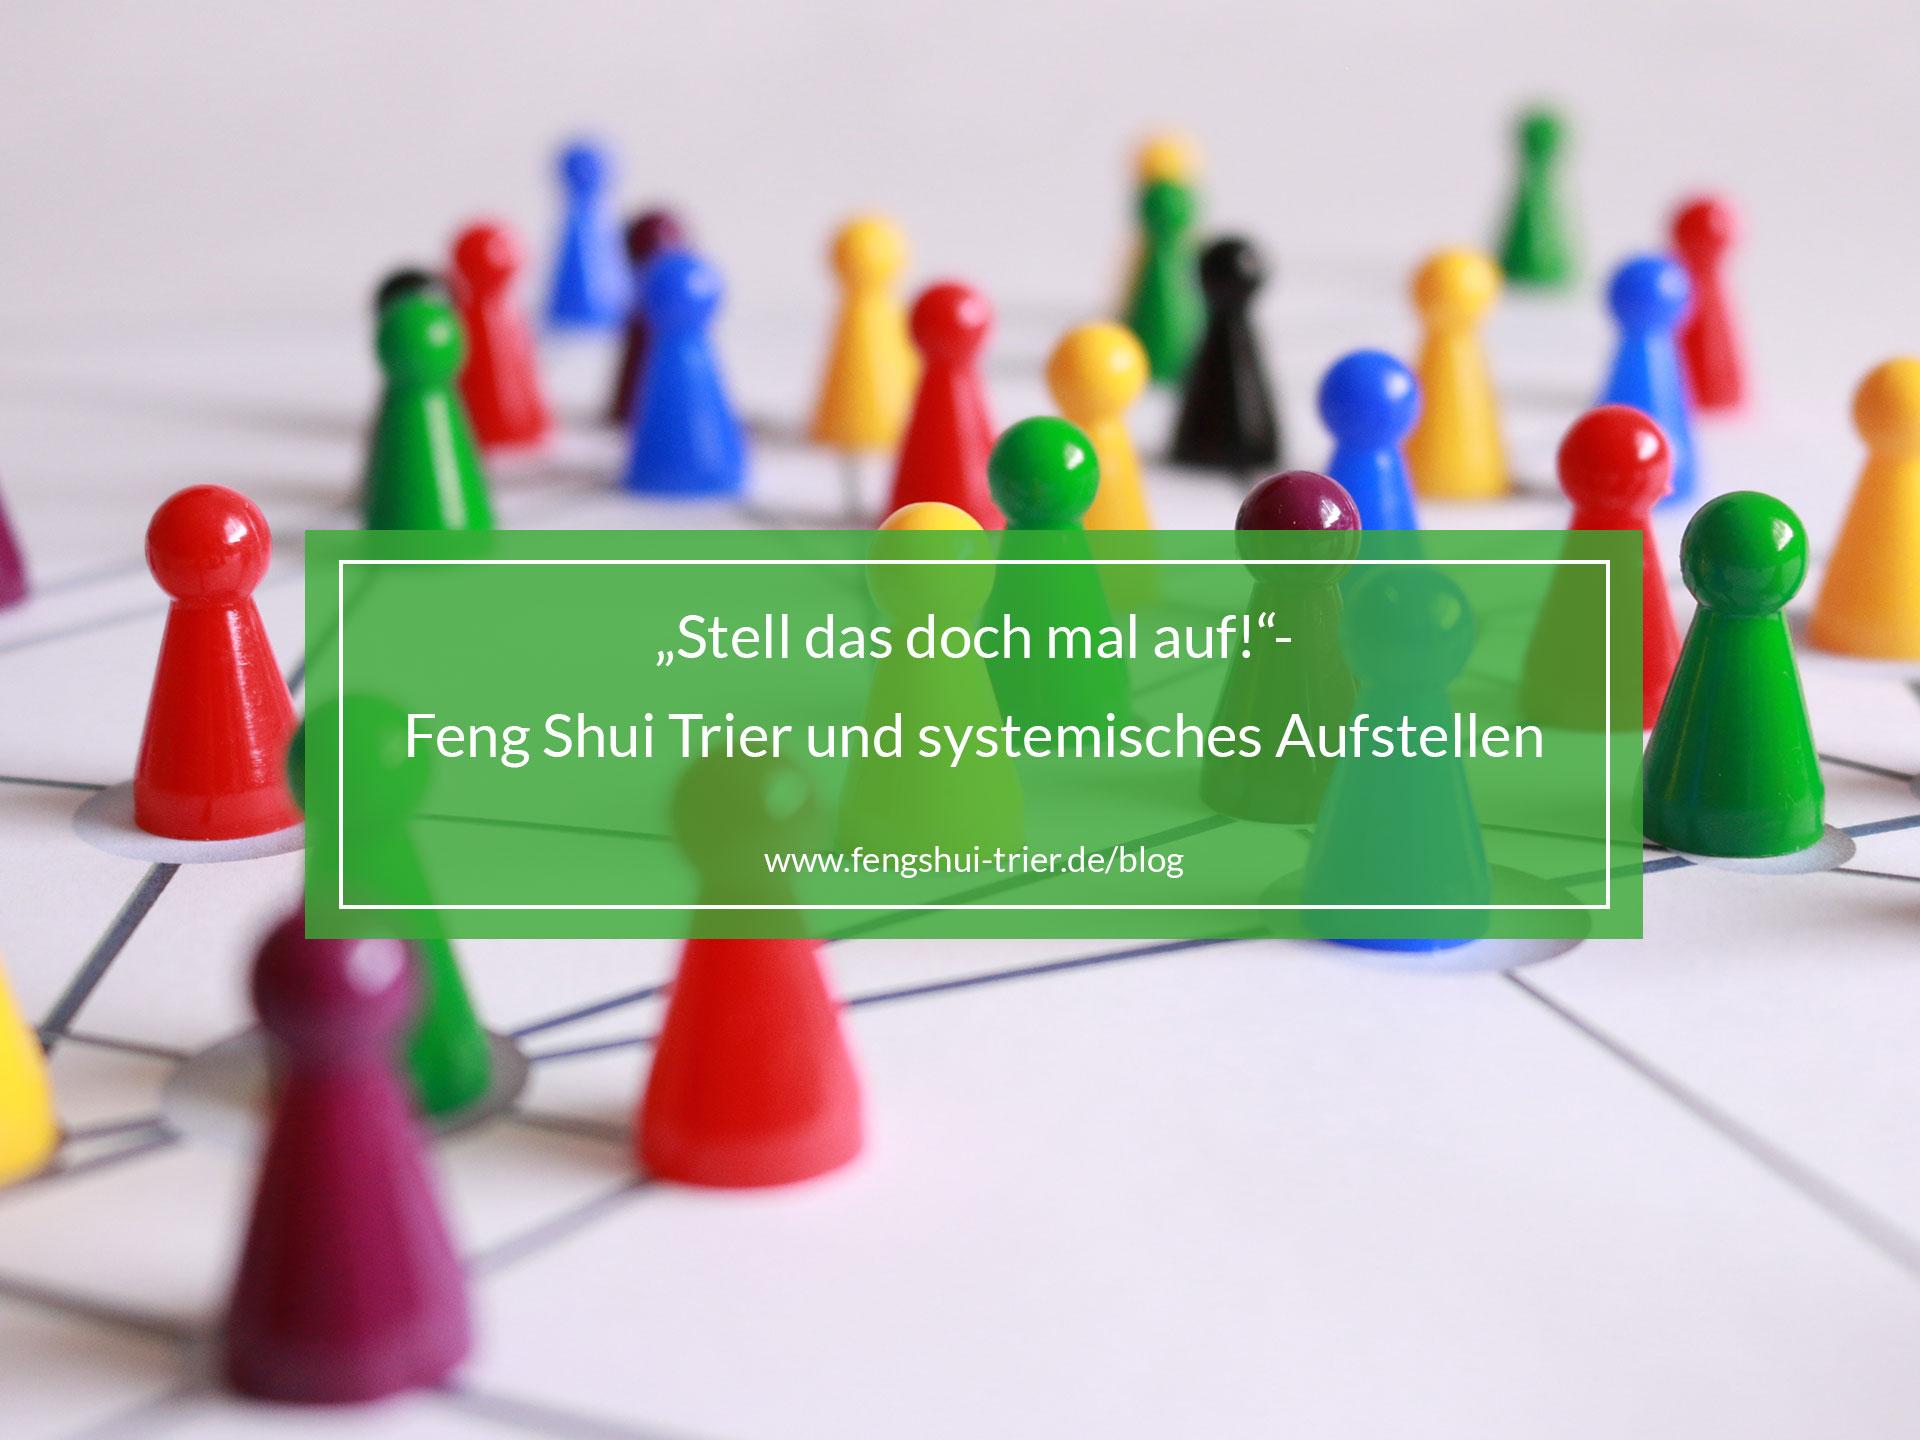 """""""Stell das doch mal auf!""""- Feng Shui Trier und systemisches Aufstellen"""